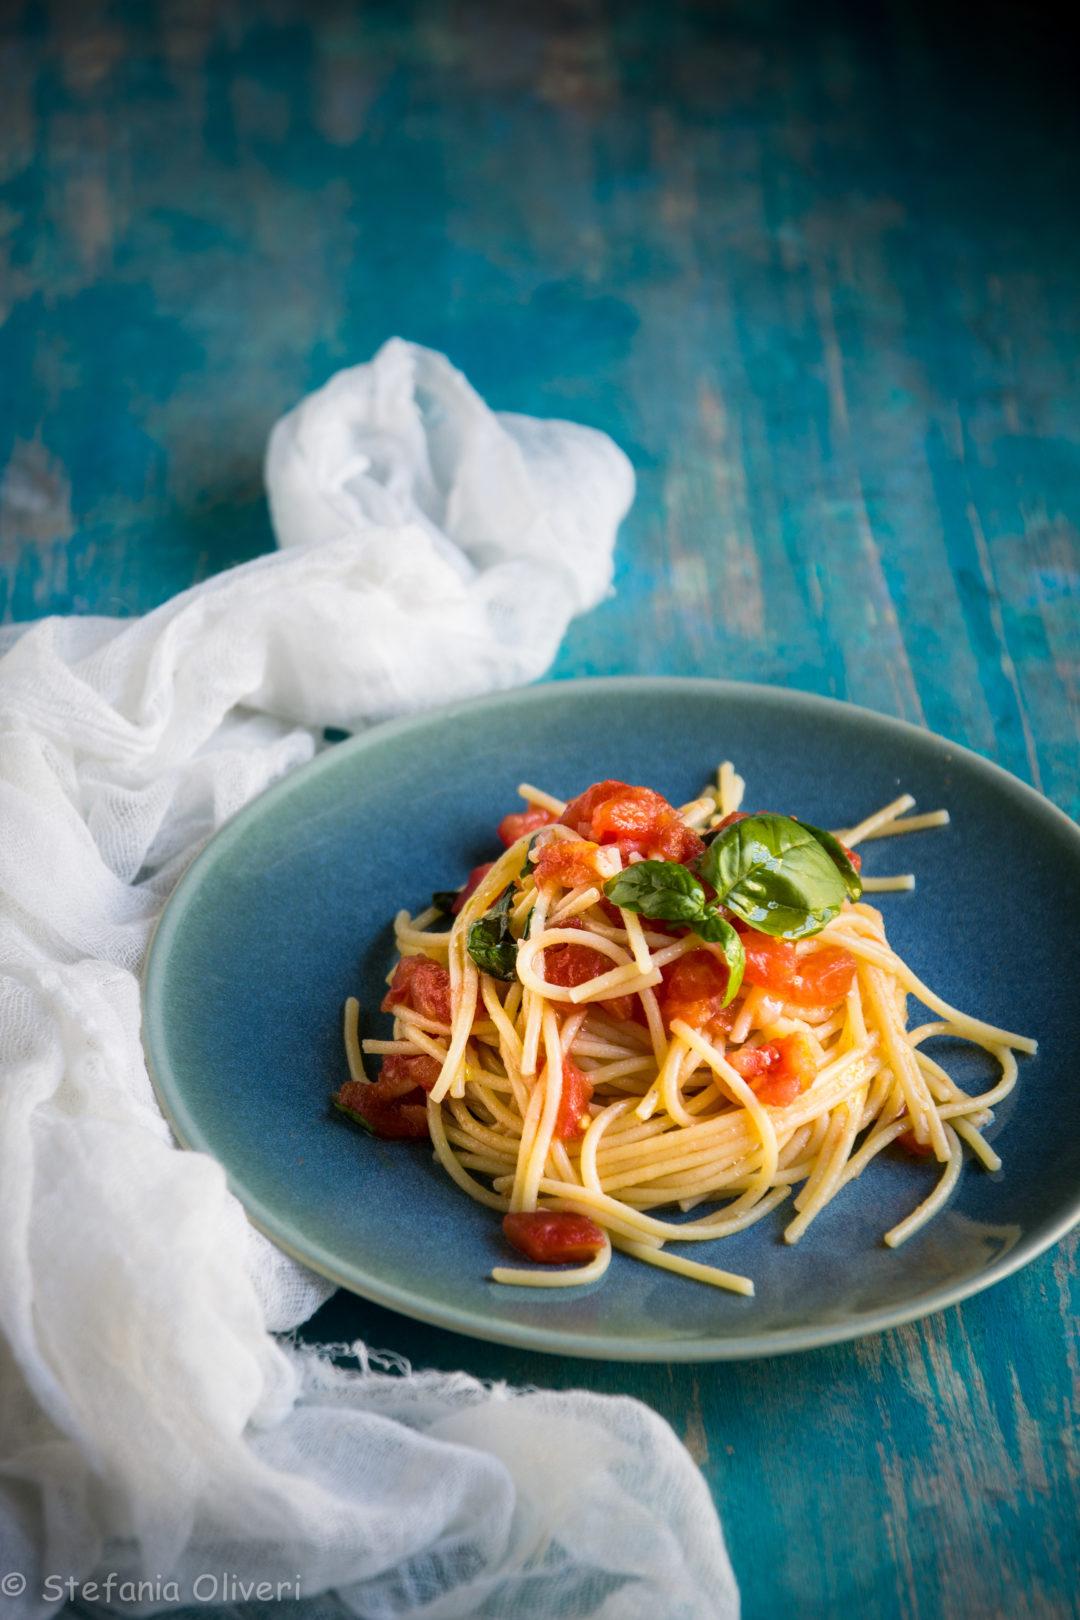 Spaghetti picchio pacchio senza glutine - Cardamomo & co